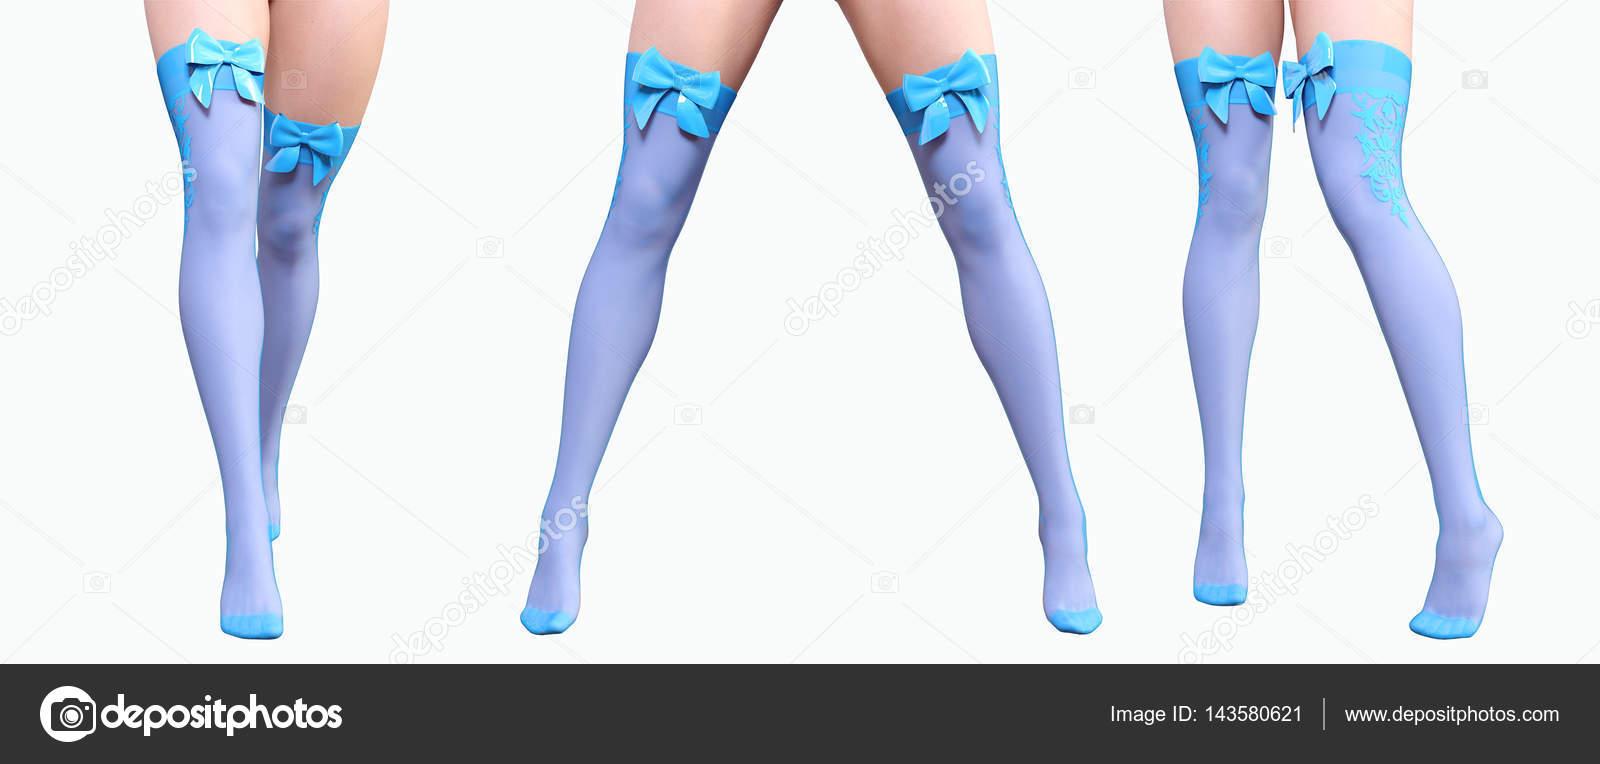 Nice nylons stockings pantyhose legs